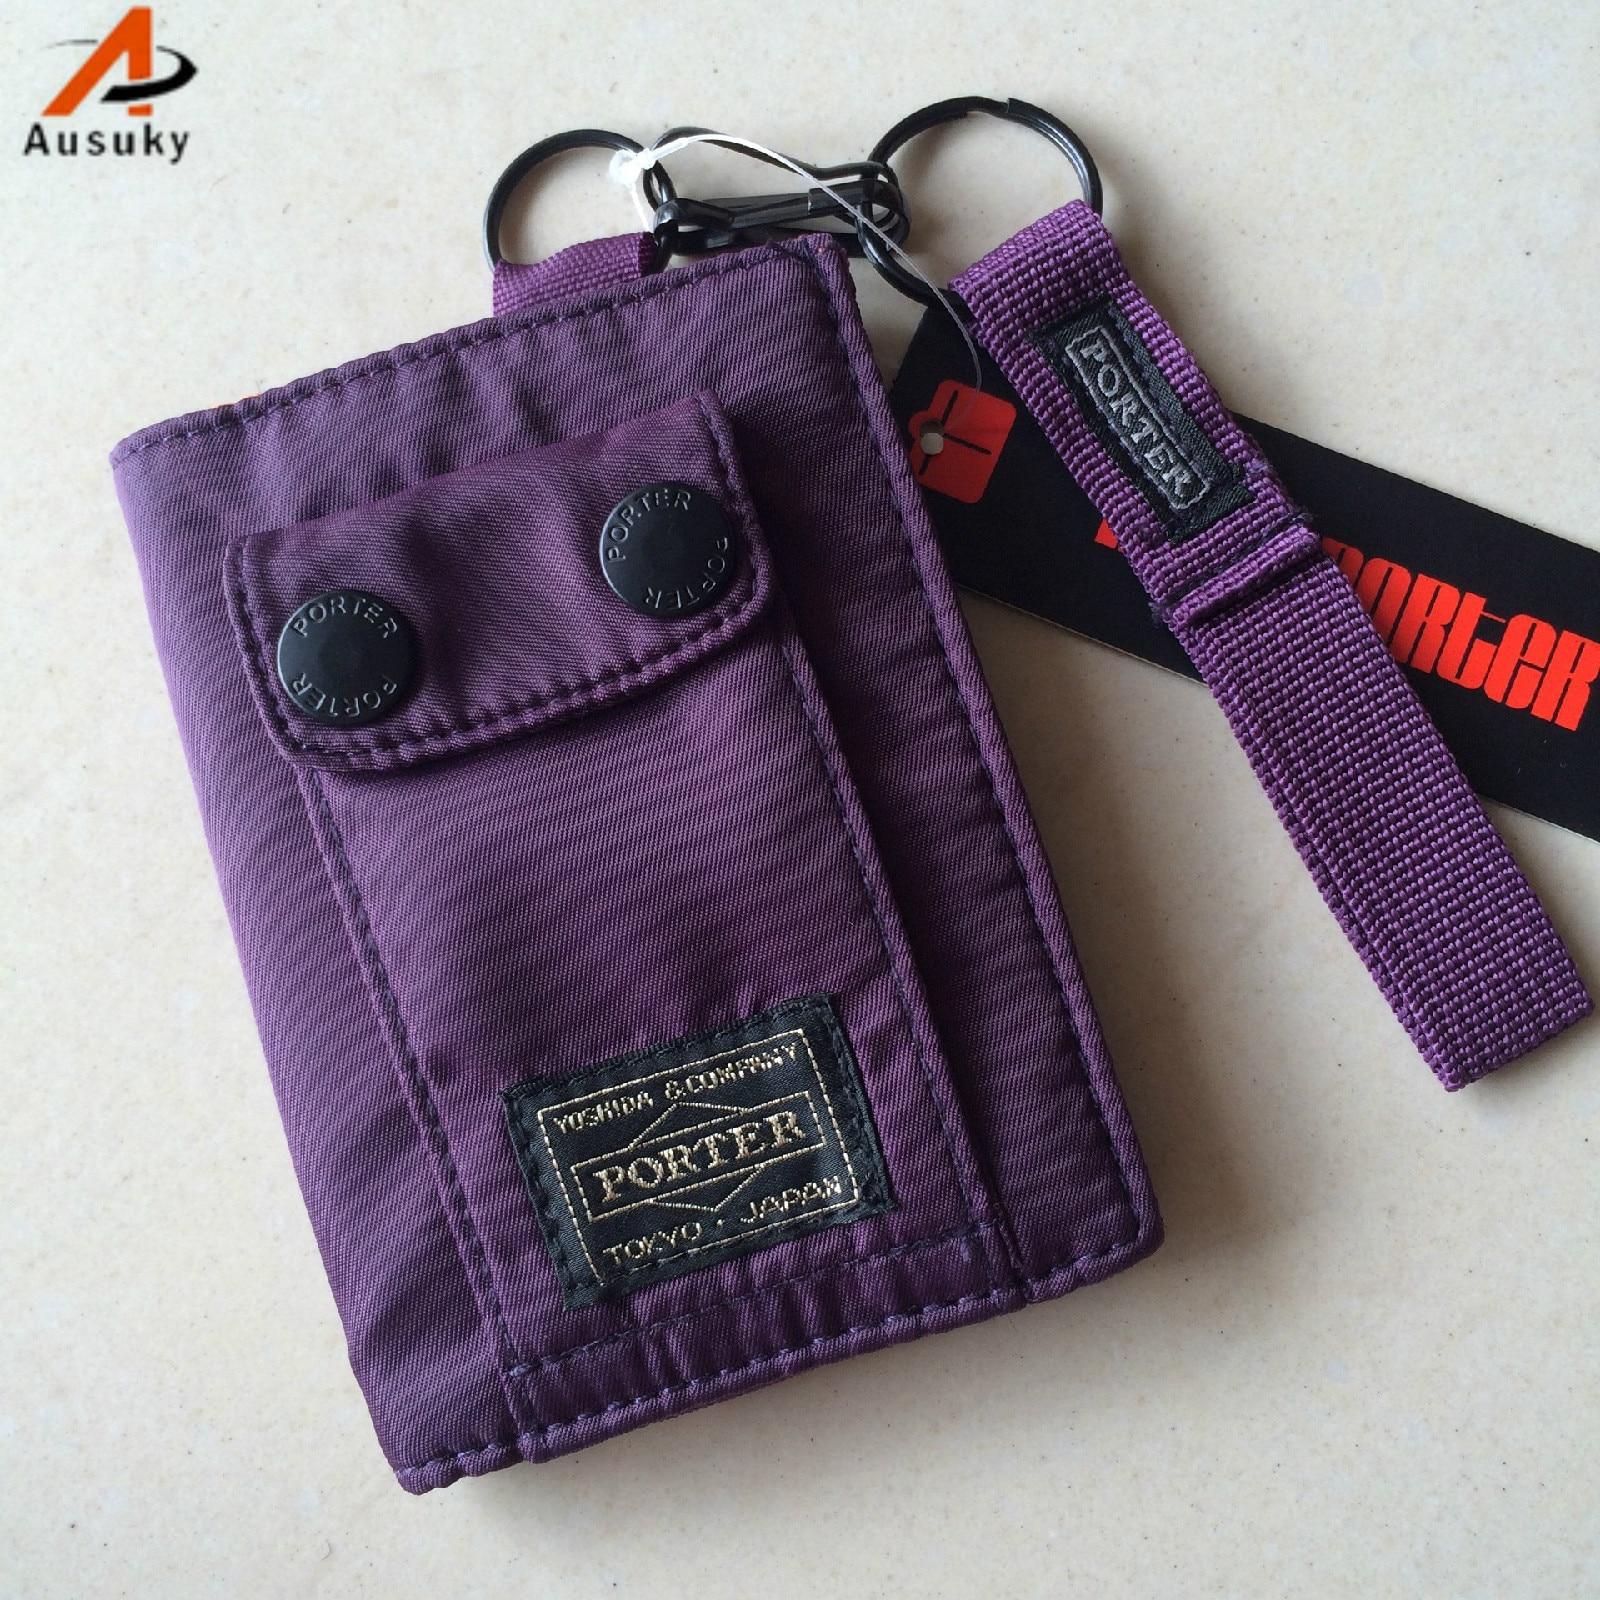 Nylon Brieftasche Für Männer Dünne Geld Clips Brieftaschen Männer Berühmte Design Marke Luxus Geldbörse Geld Clip 40 Eine Hohe Bewunderung Gewinnen